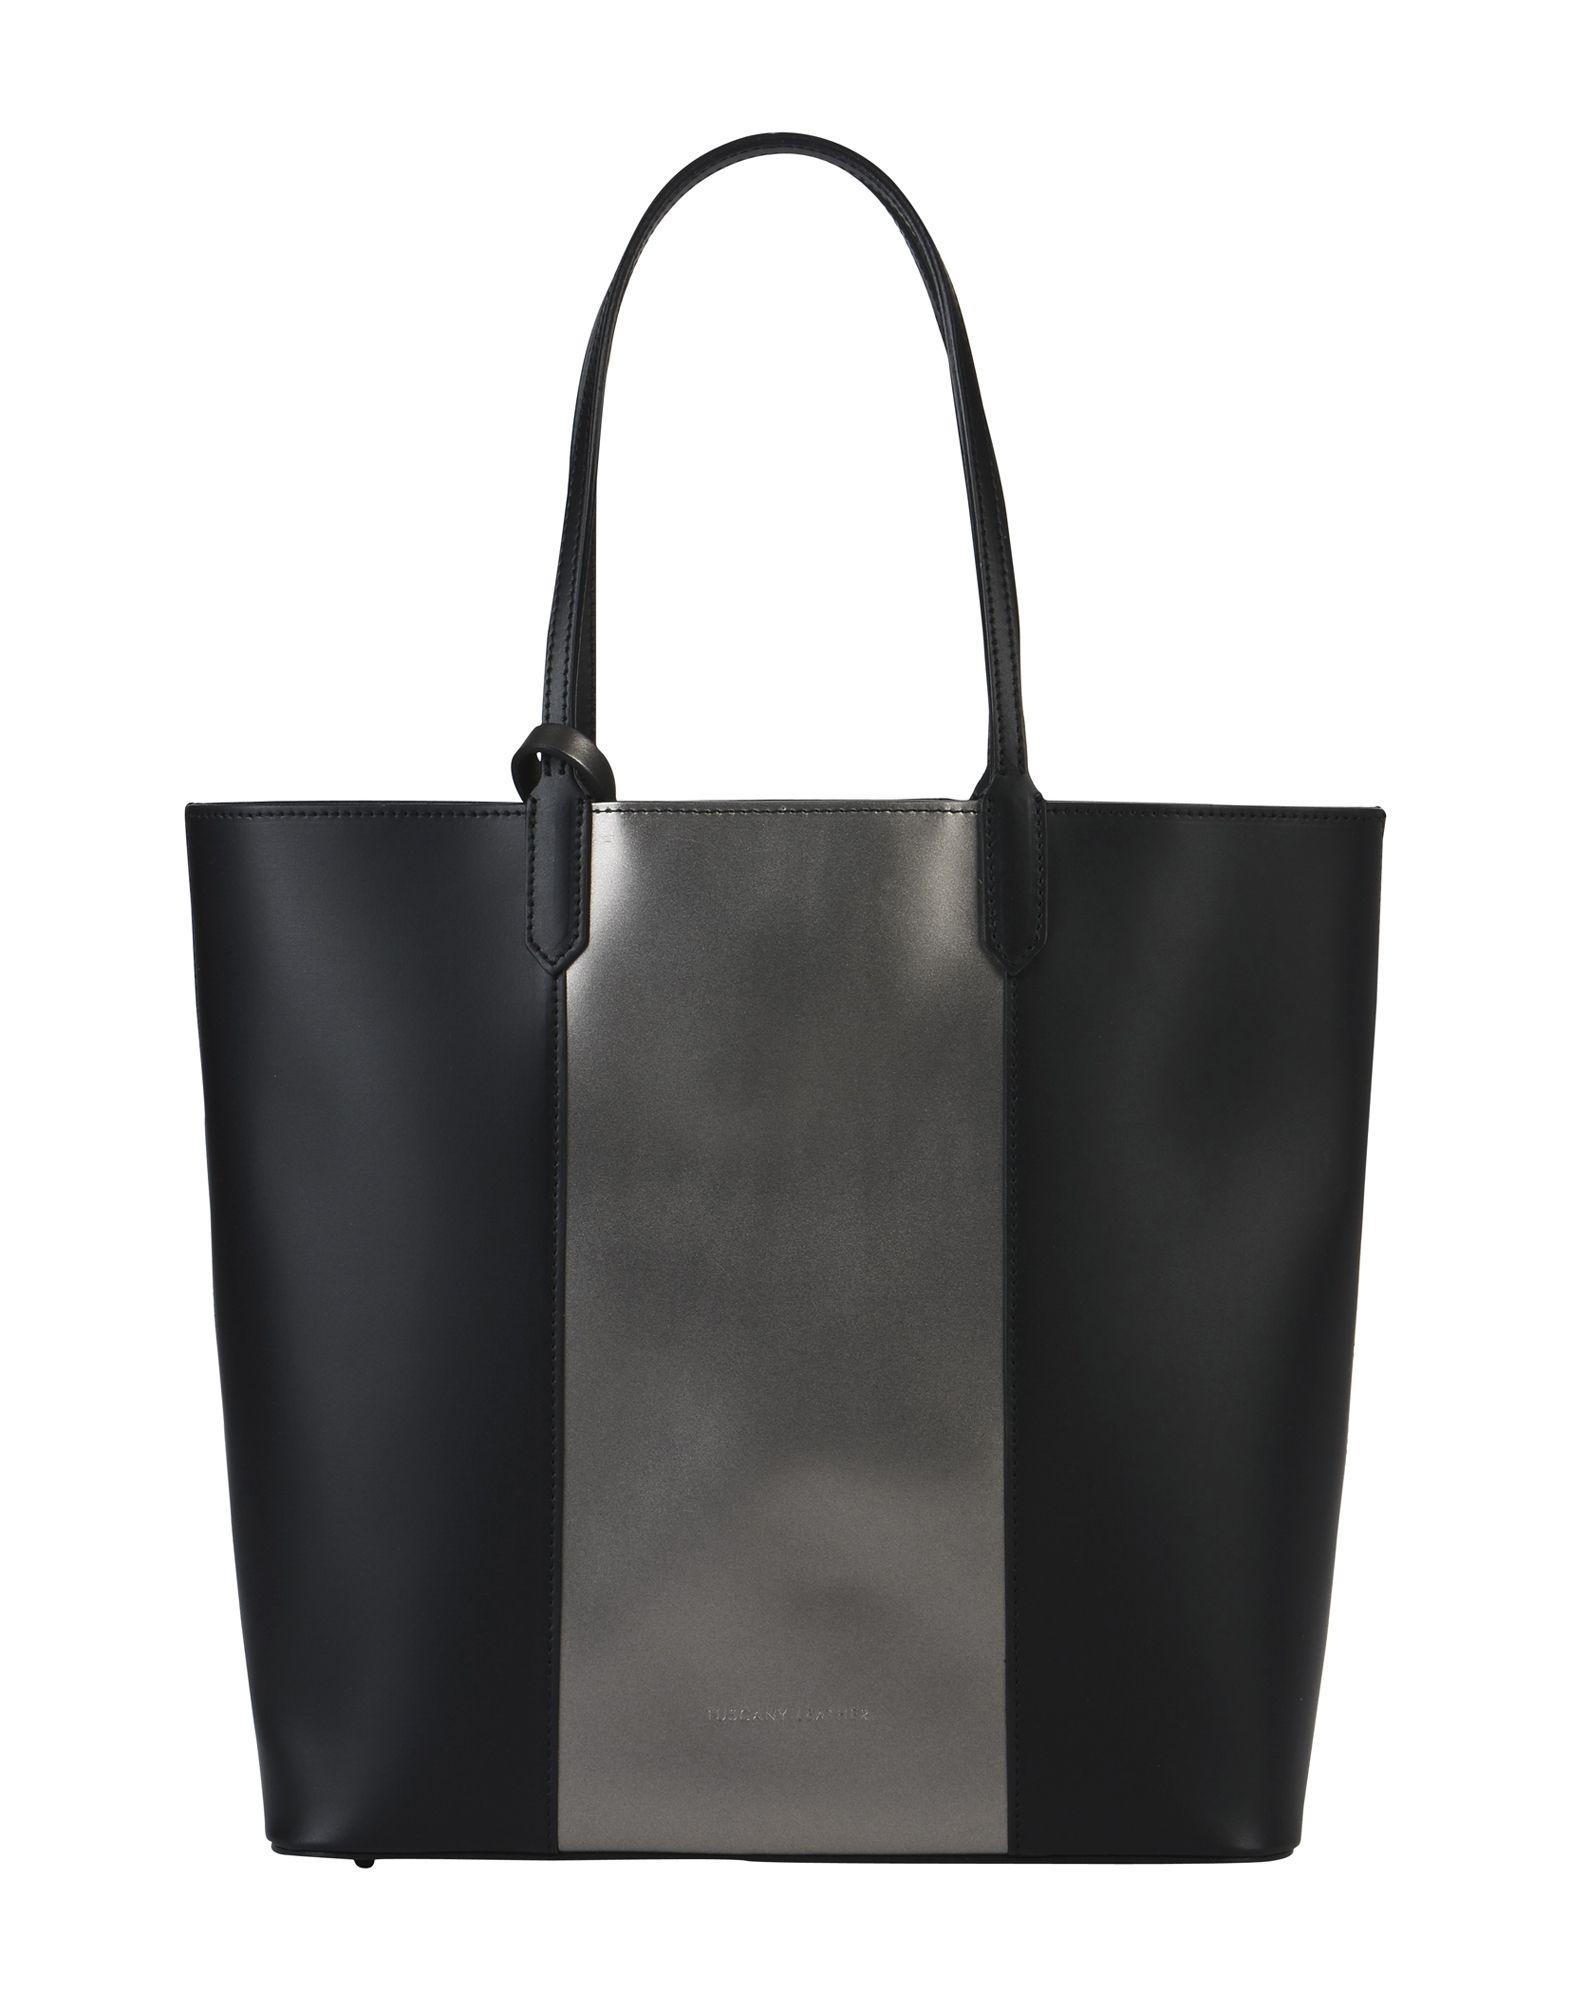 《送料無料》TUSCANY LEATHER レディース ハンドバッグ ブラック 革 Dafne Borsa shopper in pelle bicolor con pochette interna